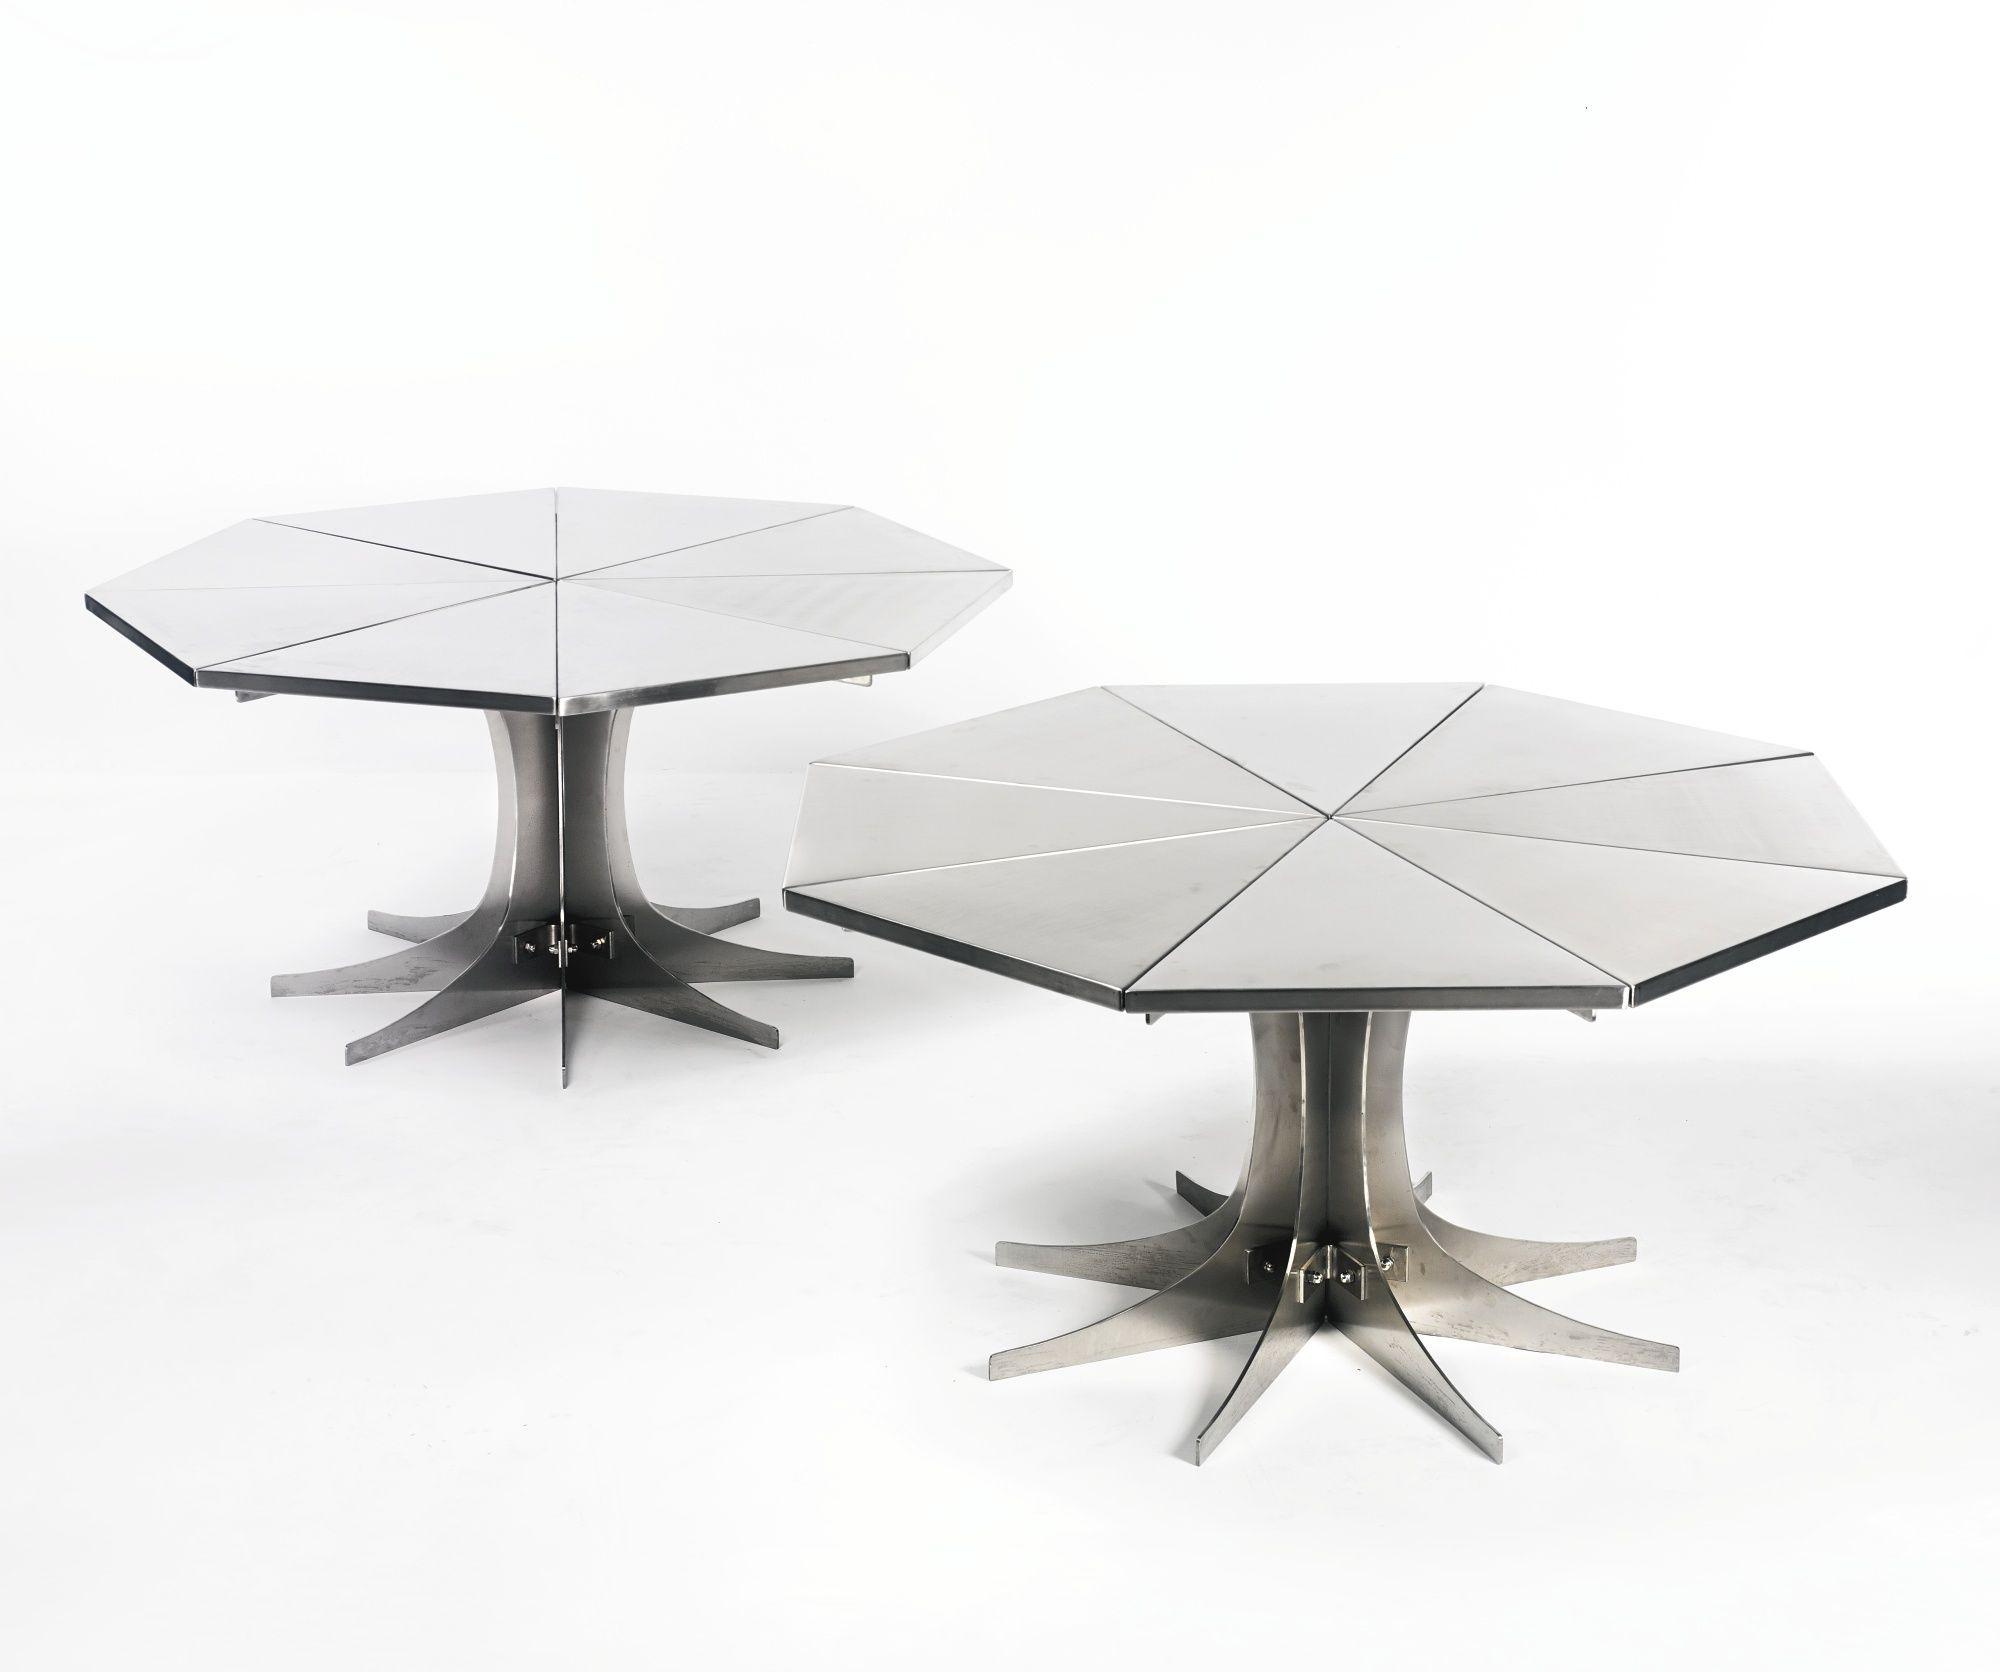 0da20f66d274a3940d0c36b525d62333 Incroyable De Table Basse Ajustable Schème